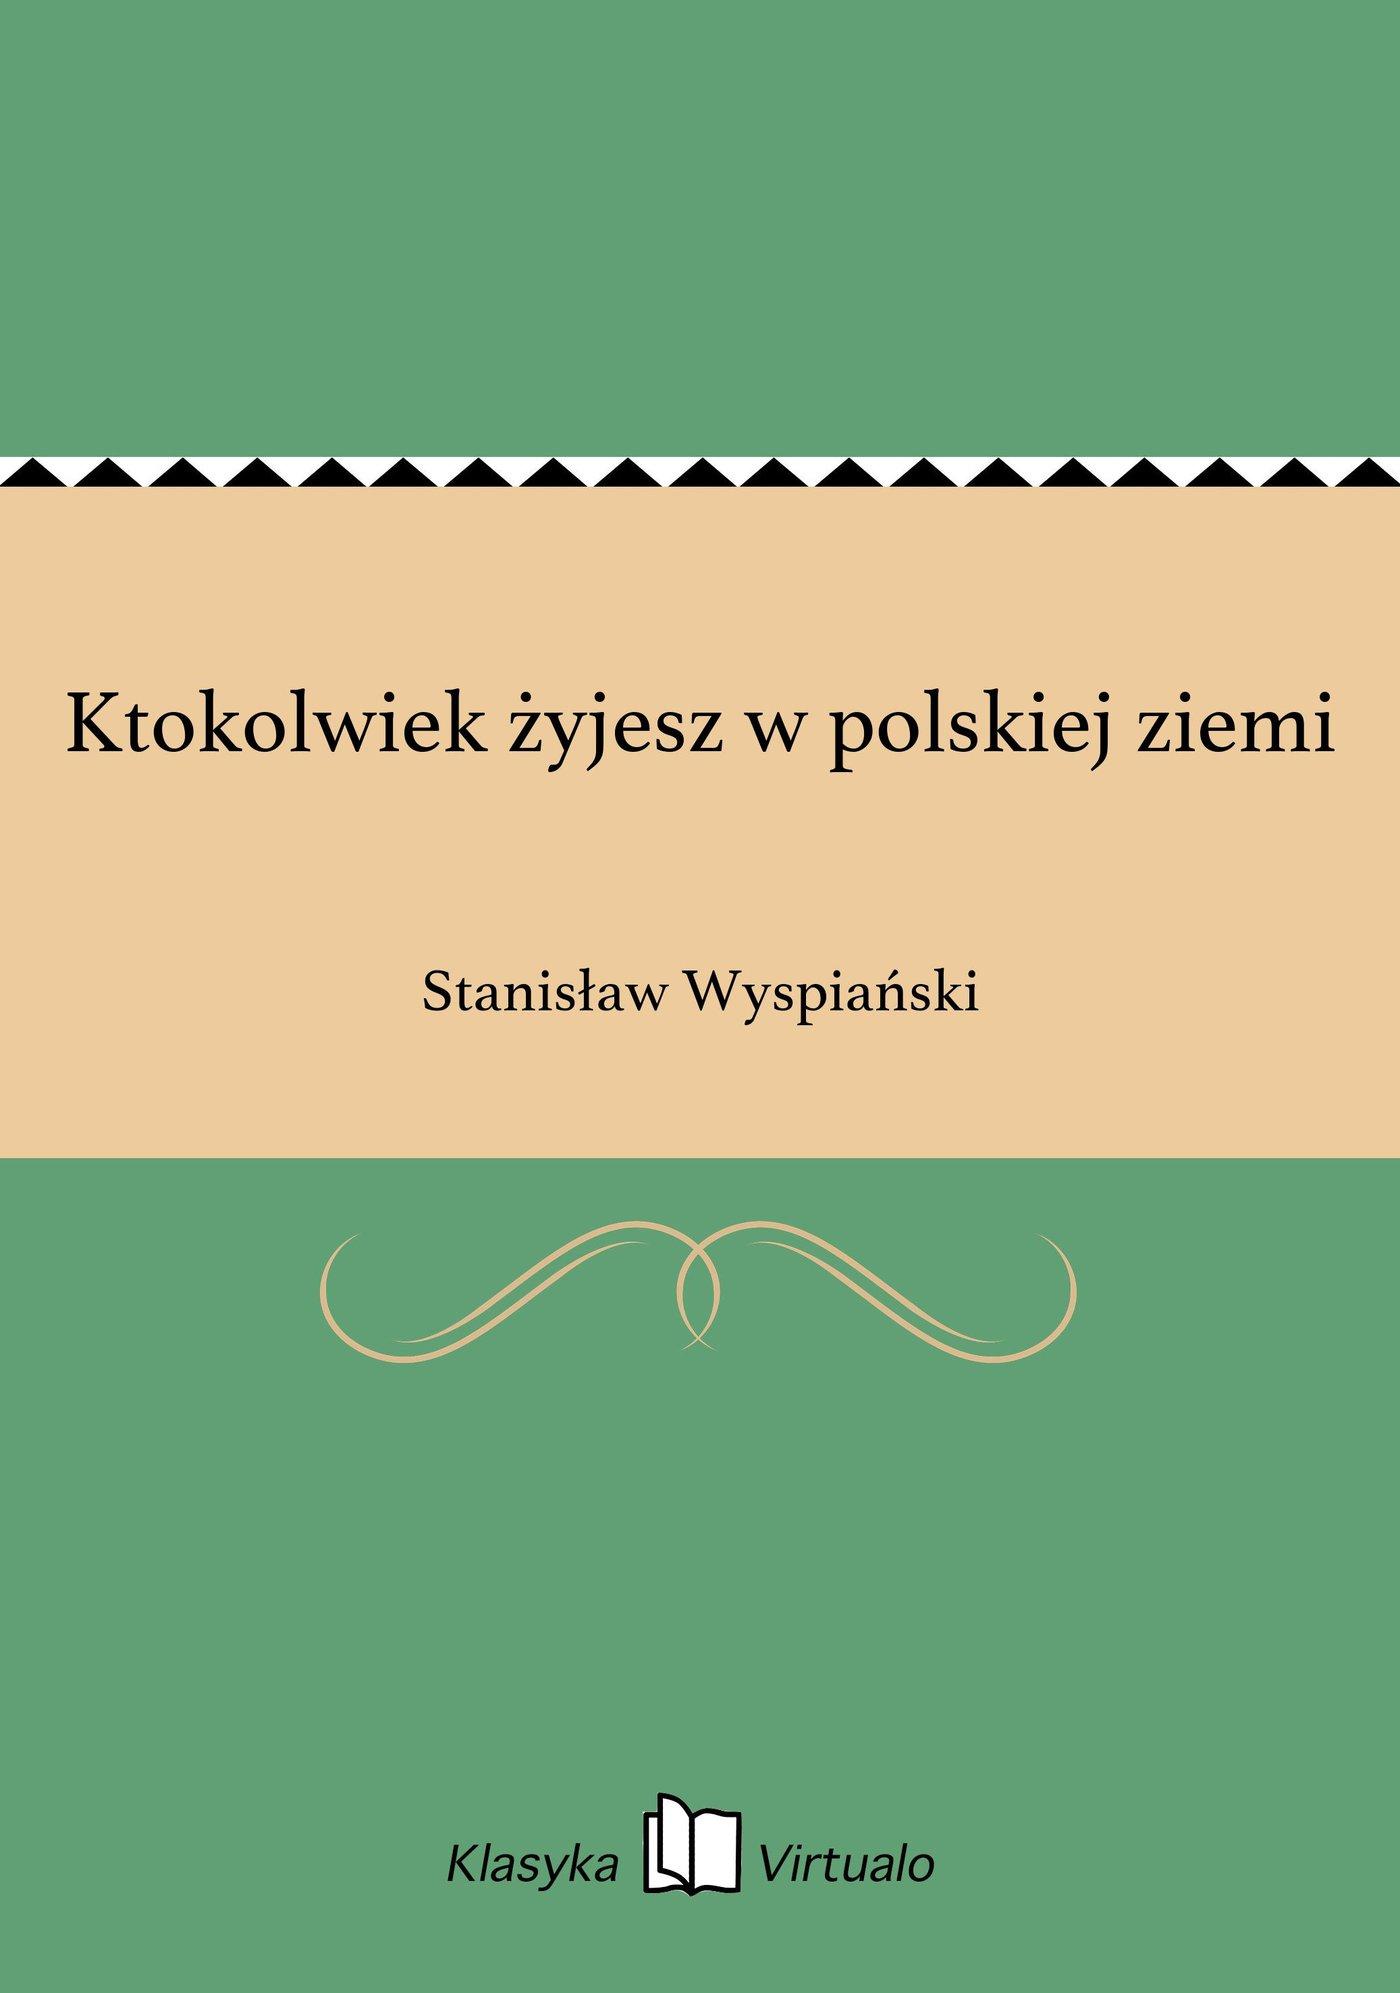 Ktokolwiek żyjesz w polskiej ziemi - Ebook (Książka na Kindle) do pobrania w formacie MOBI